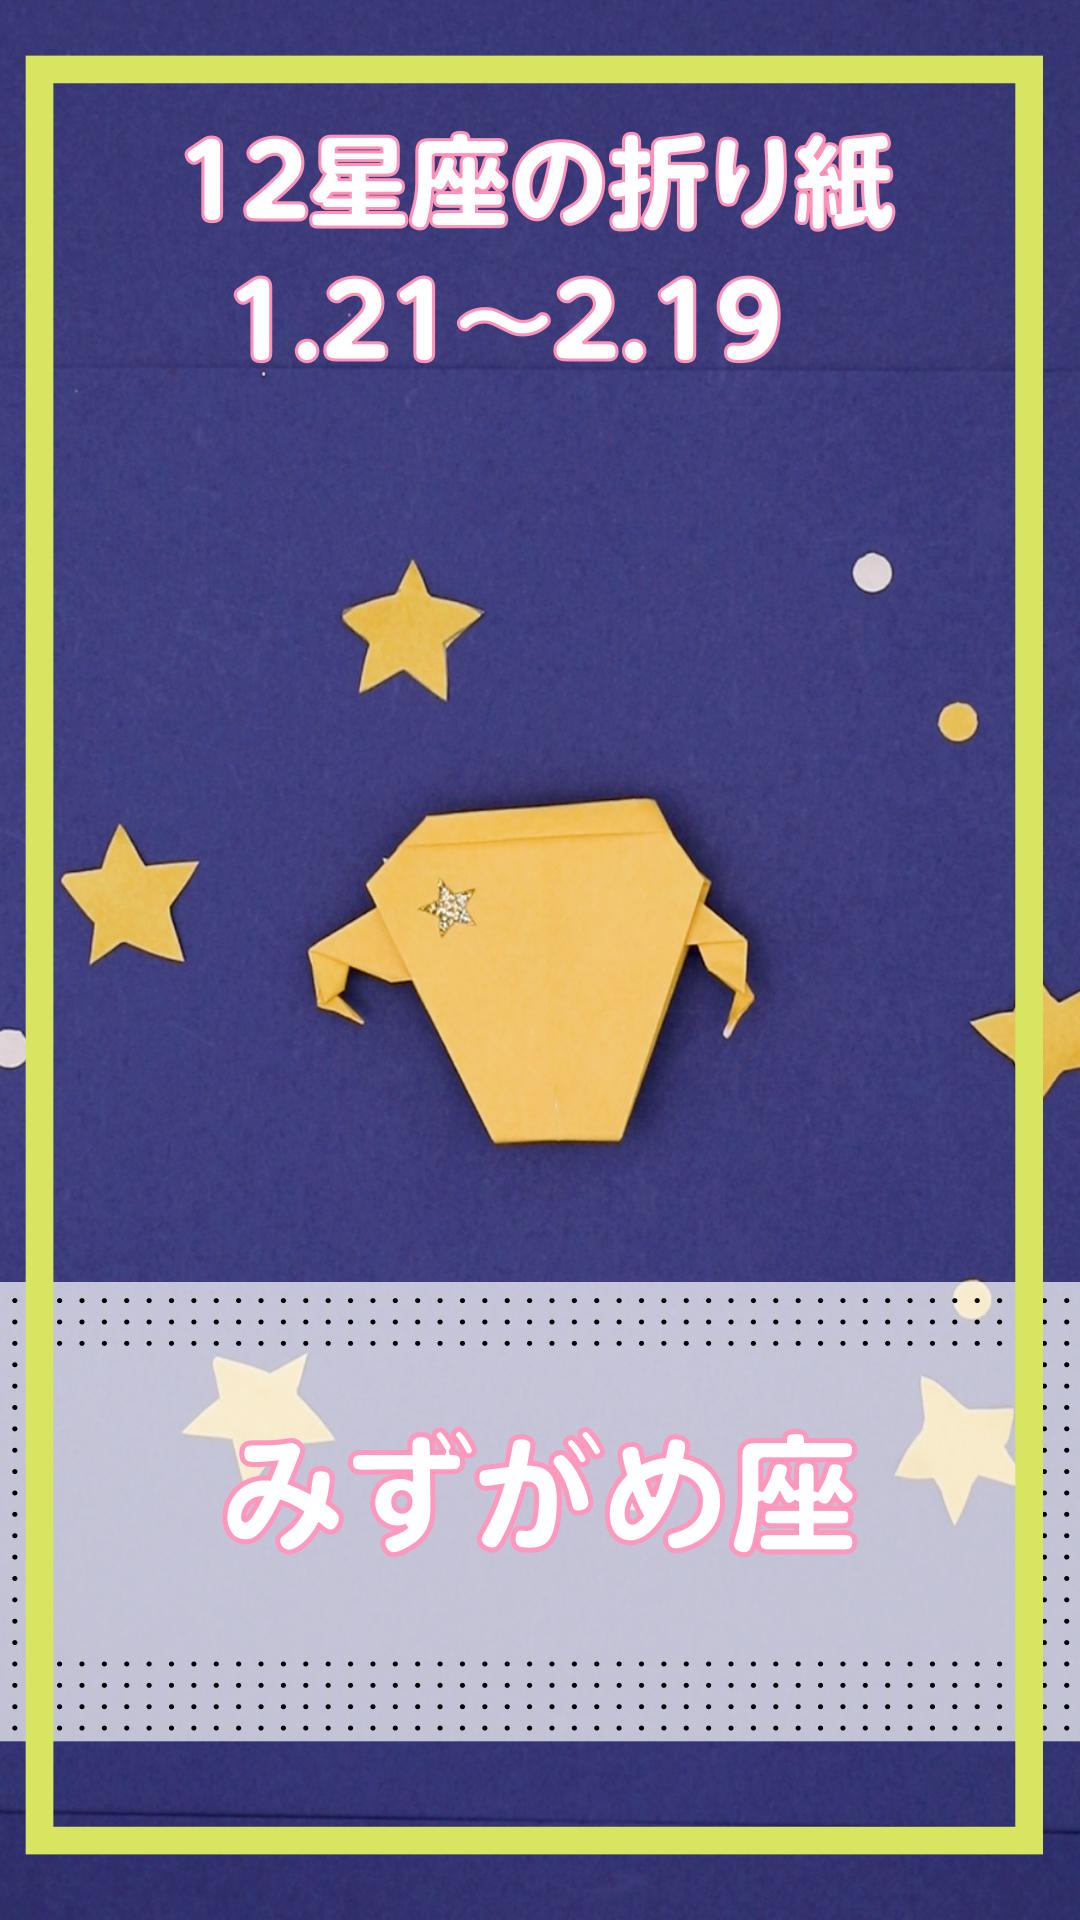 【動画】みずがめ座 12星座の折り紙